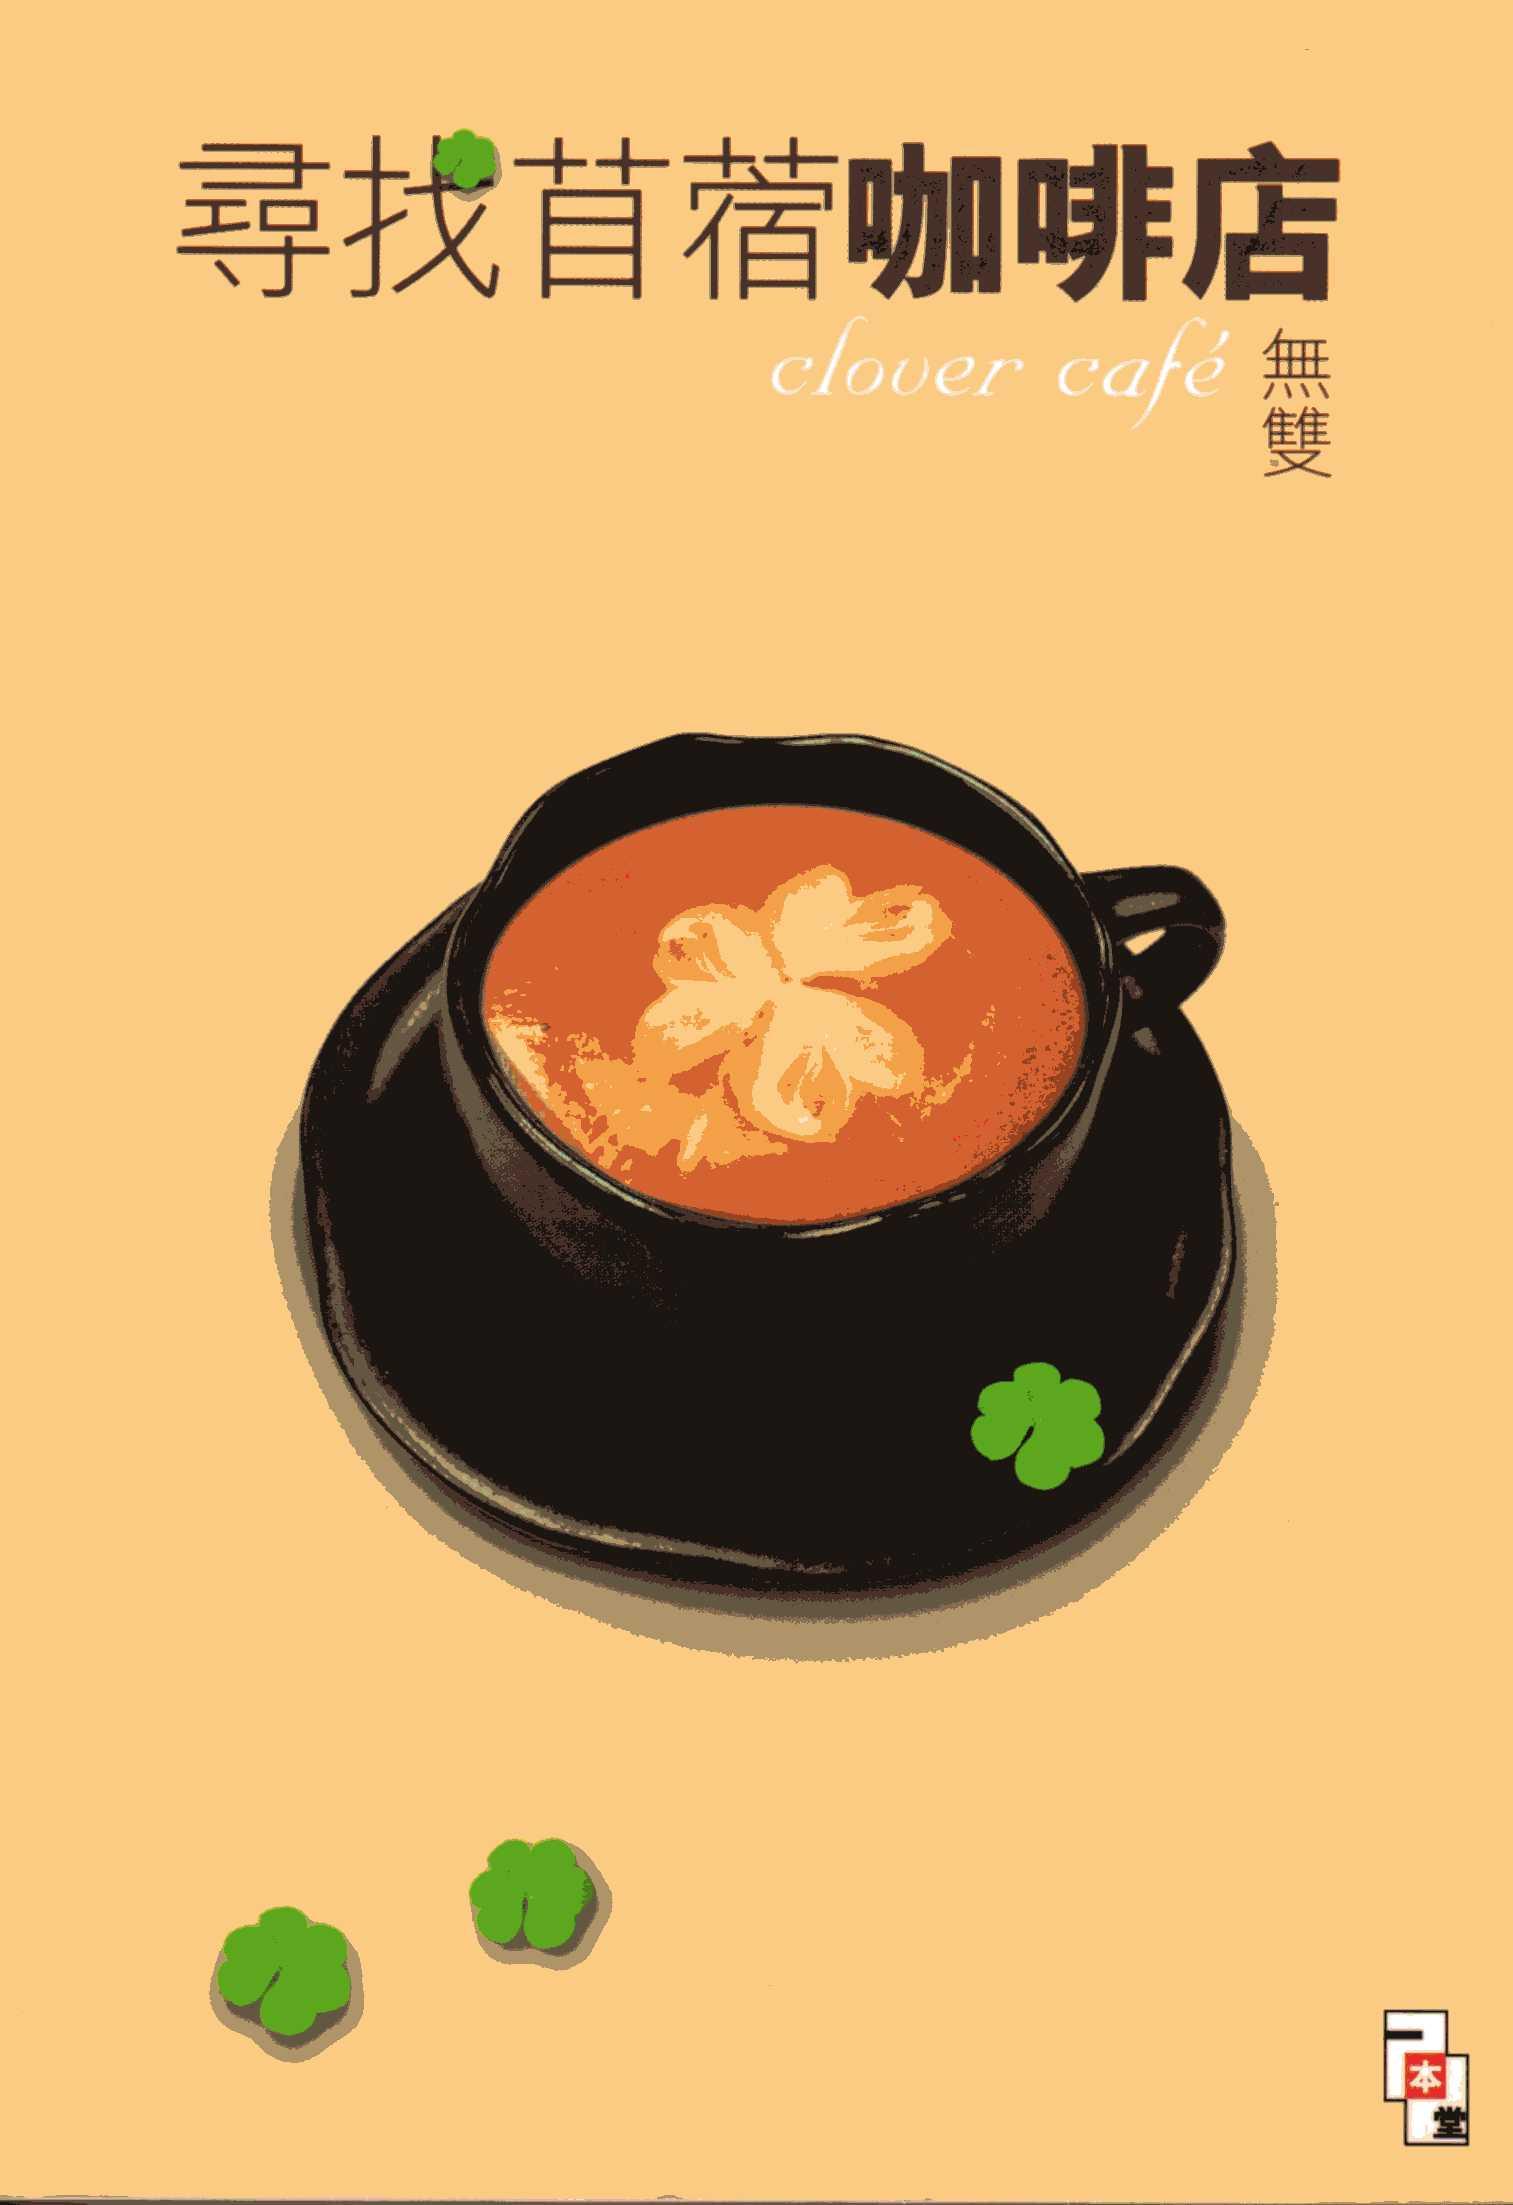 尋找苜蓿咖啡店